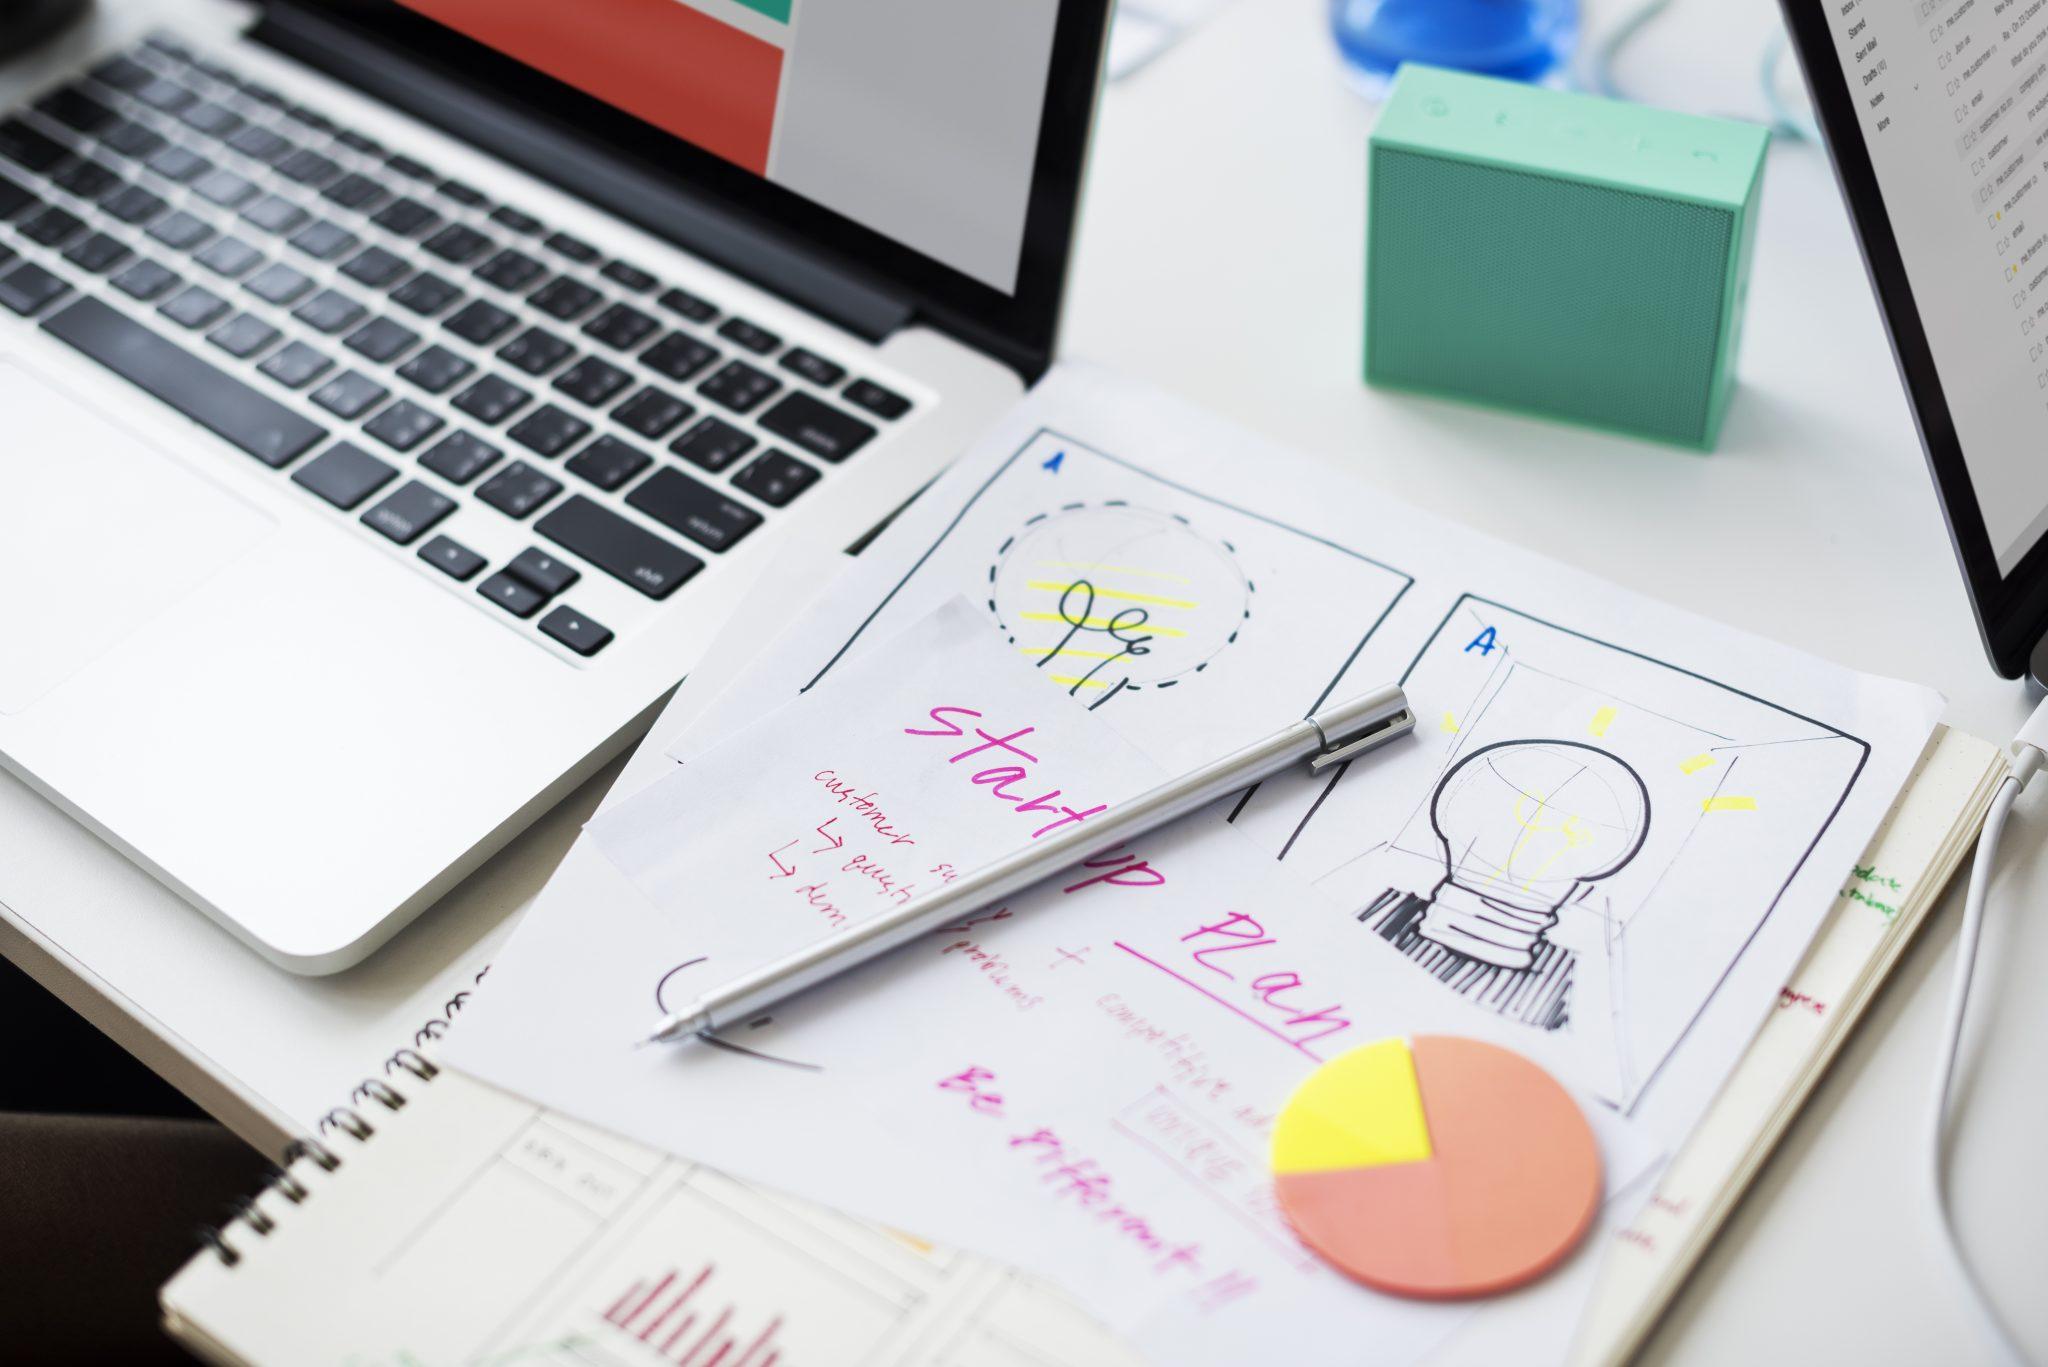 https://publiconline.com.br/wp-content/uploads/2021/03/como-criar-uma-startup-public-online.jpg